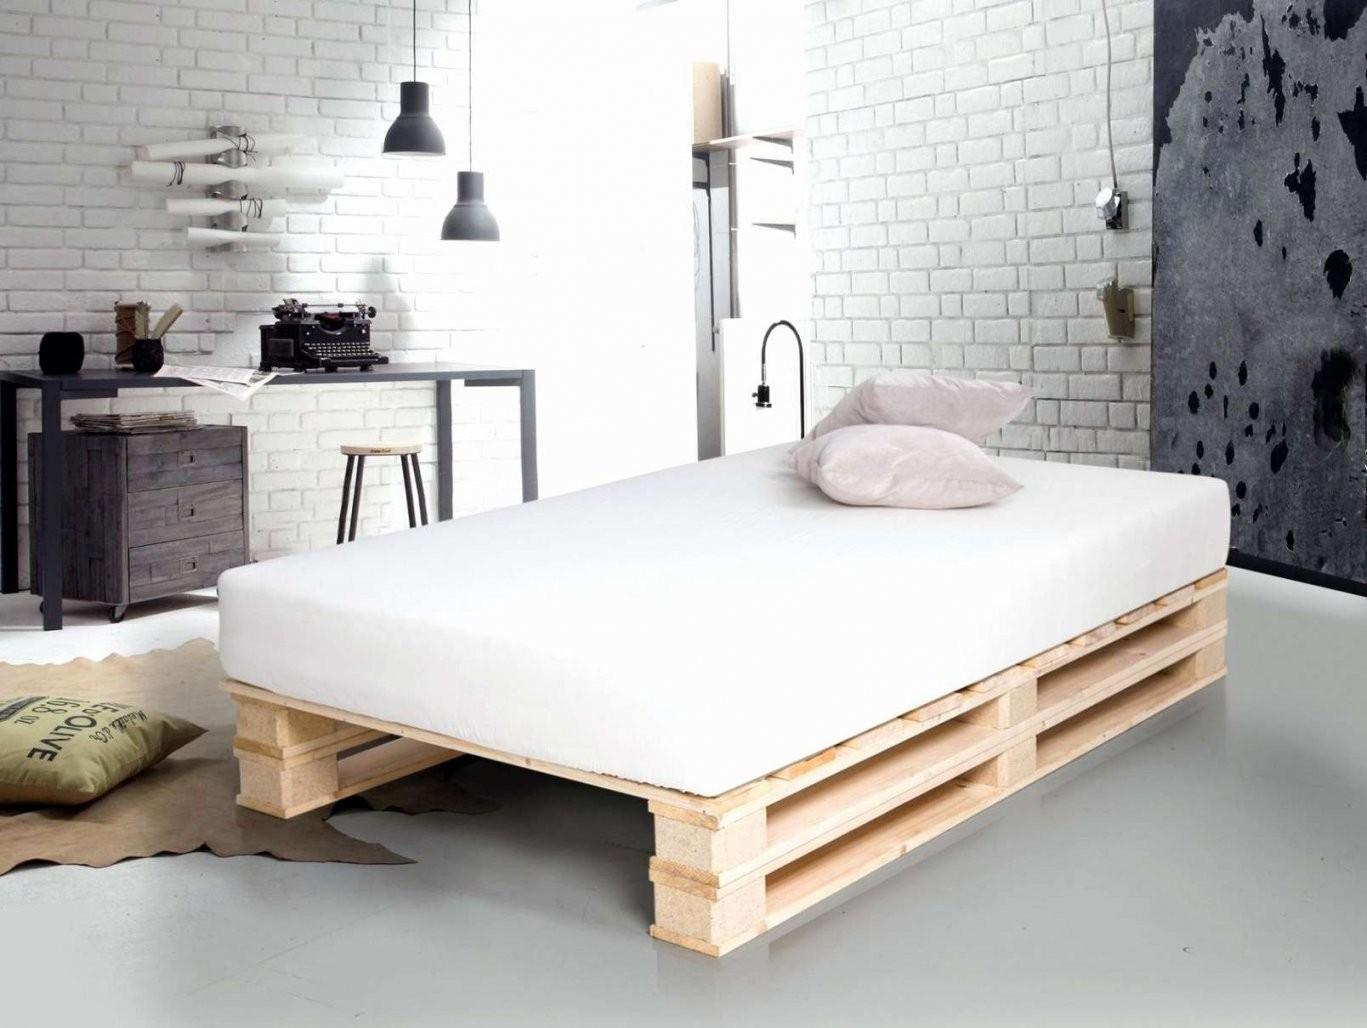 Polsterliege 120×200 Luxus Polsterbett 120×200 Mit Bettkasten Genial von Polsterbett Mit Bettkasten 120X200 Bild